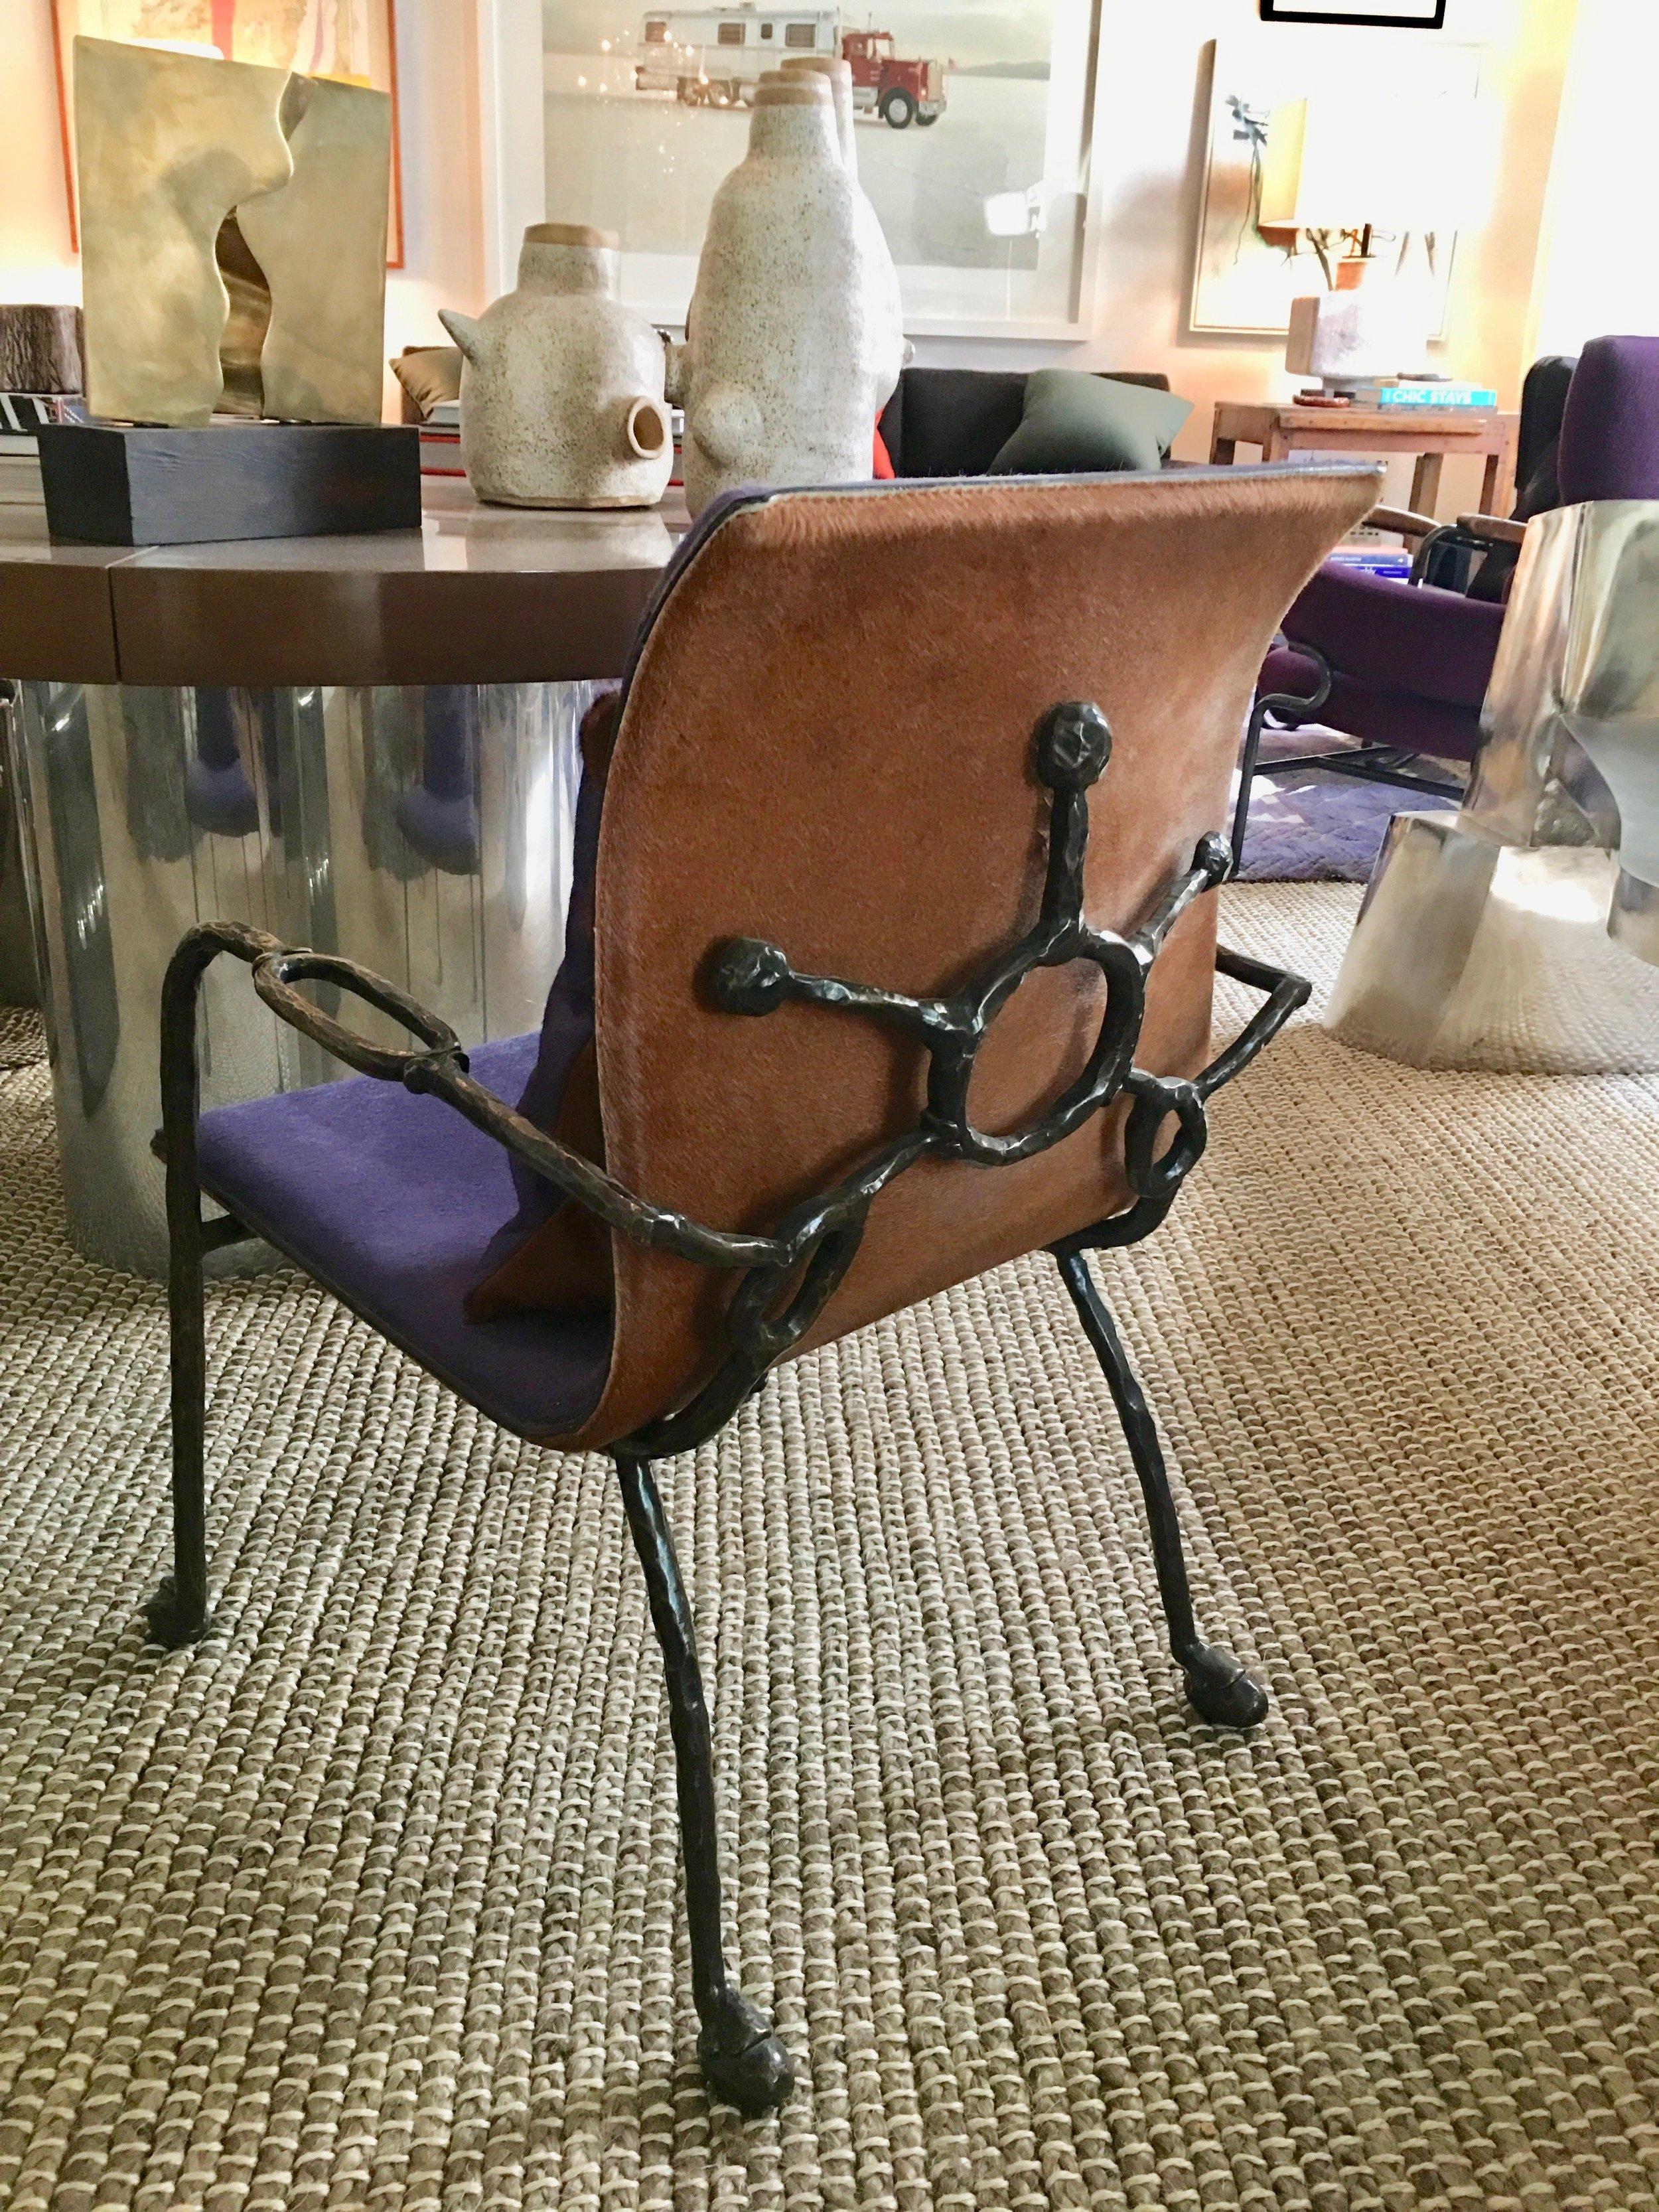 45th-Kips-Bay-Show-House-Rob-Stilin-Bonetti-Chair.jpg